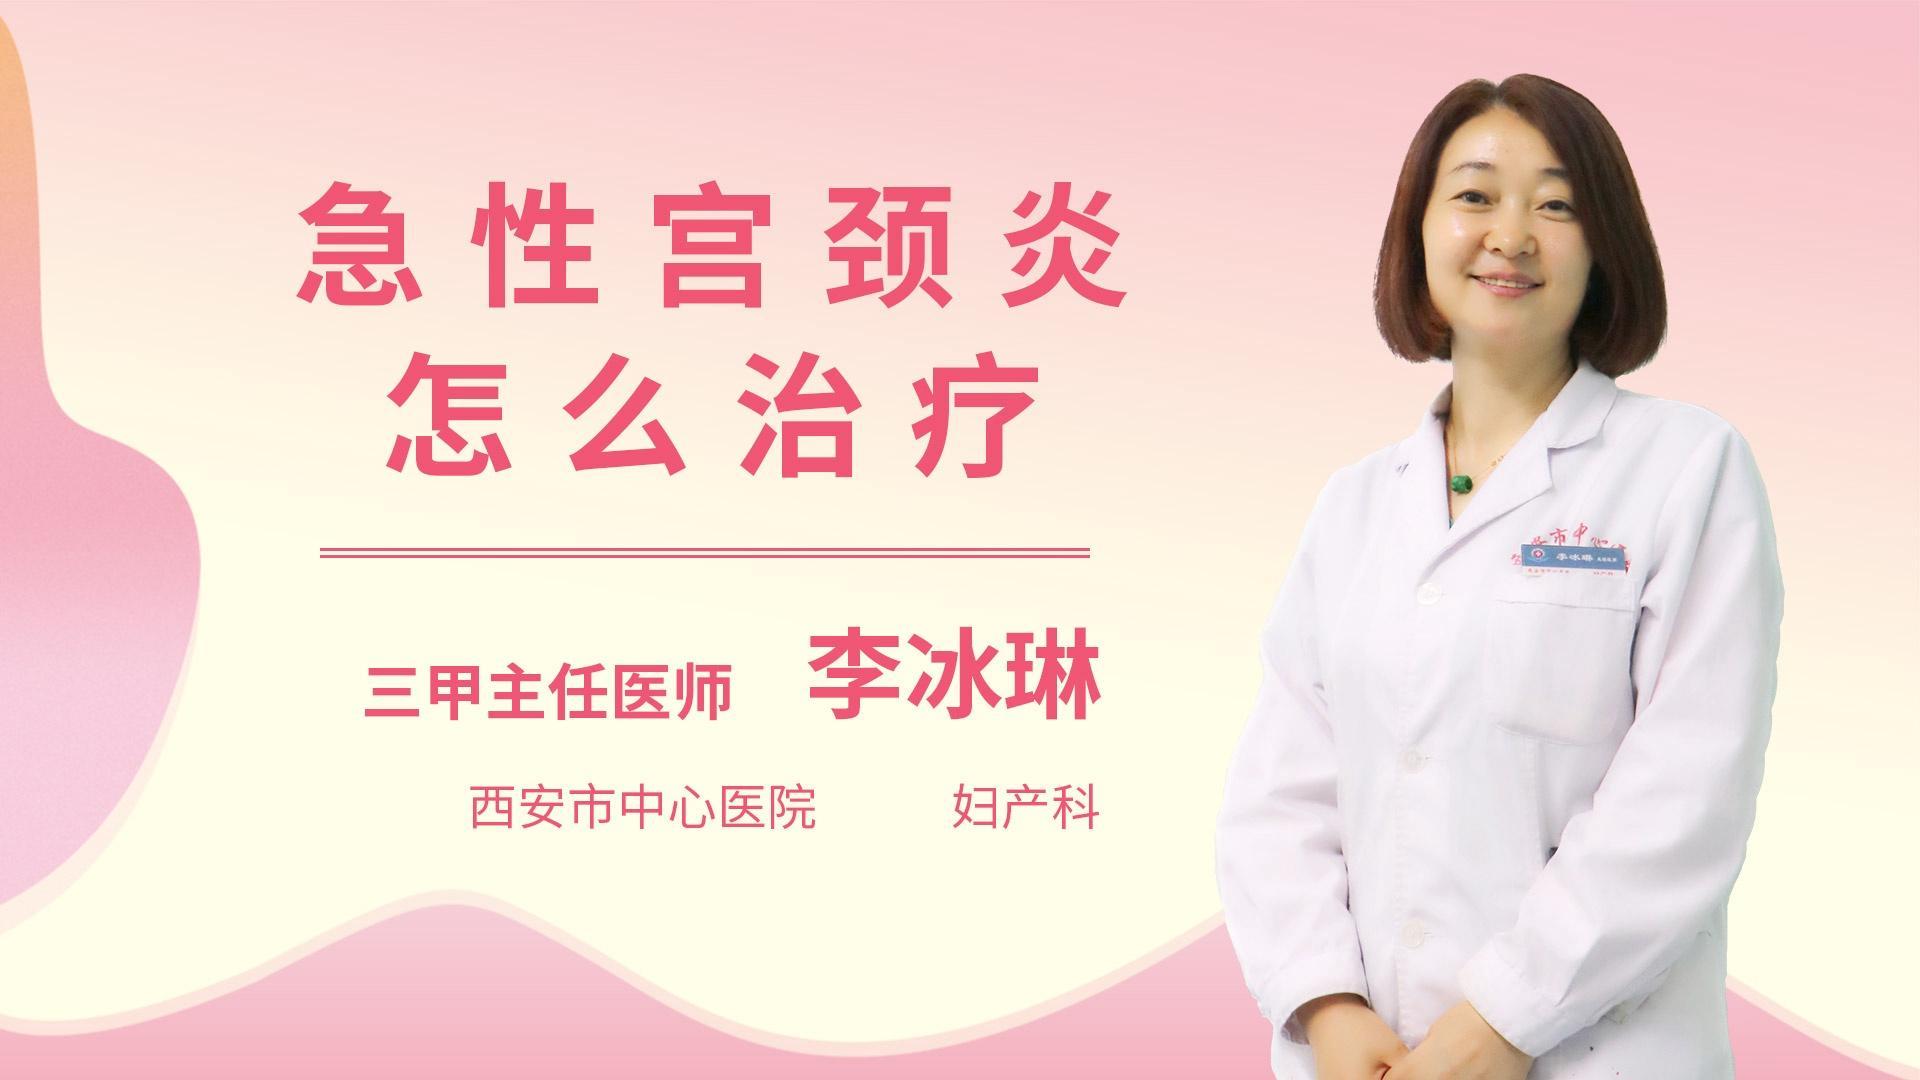 宫颈炎症如何治疗_急性宫颈炎_急性宫颈炎怎么引起的_急性宫颈炎主要症状